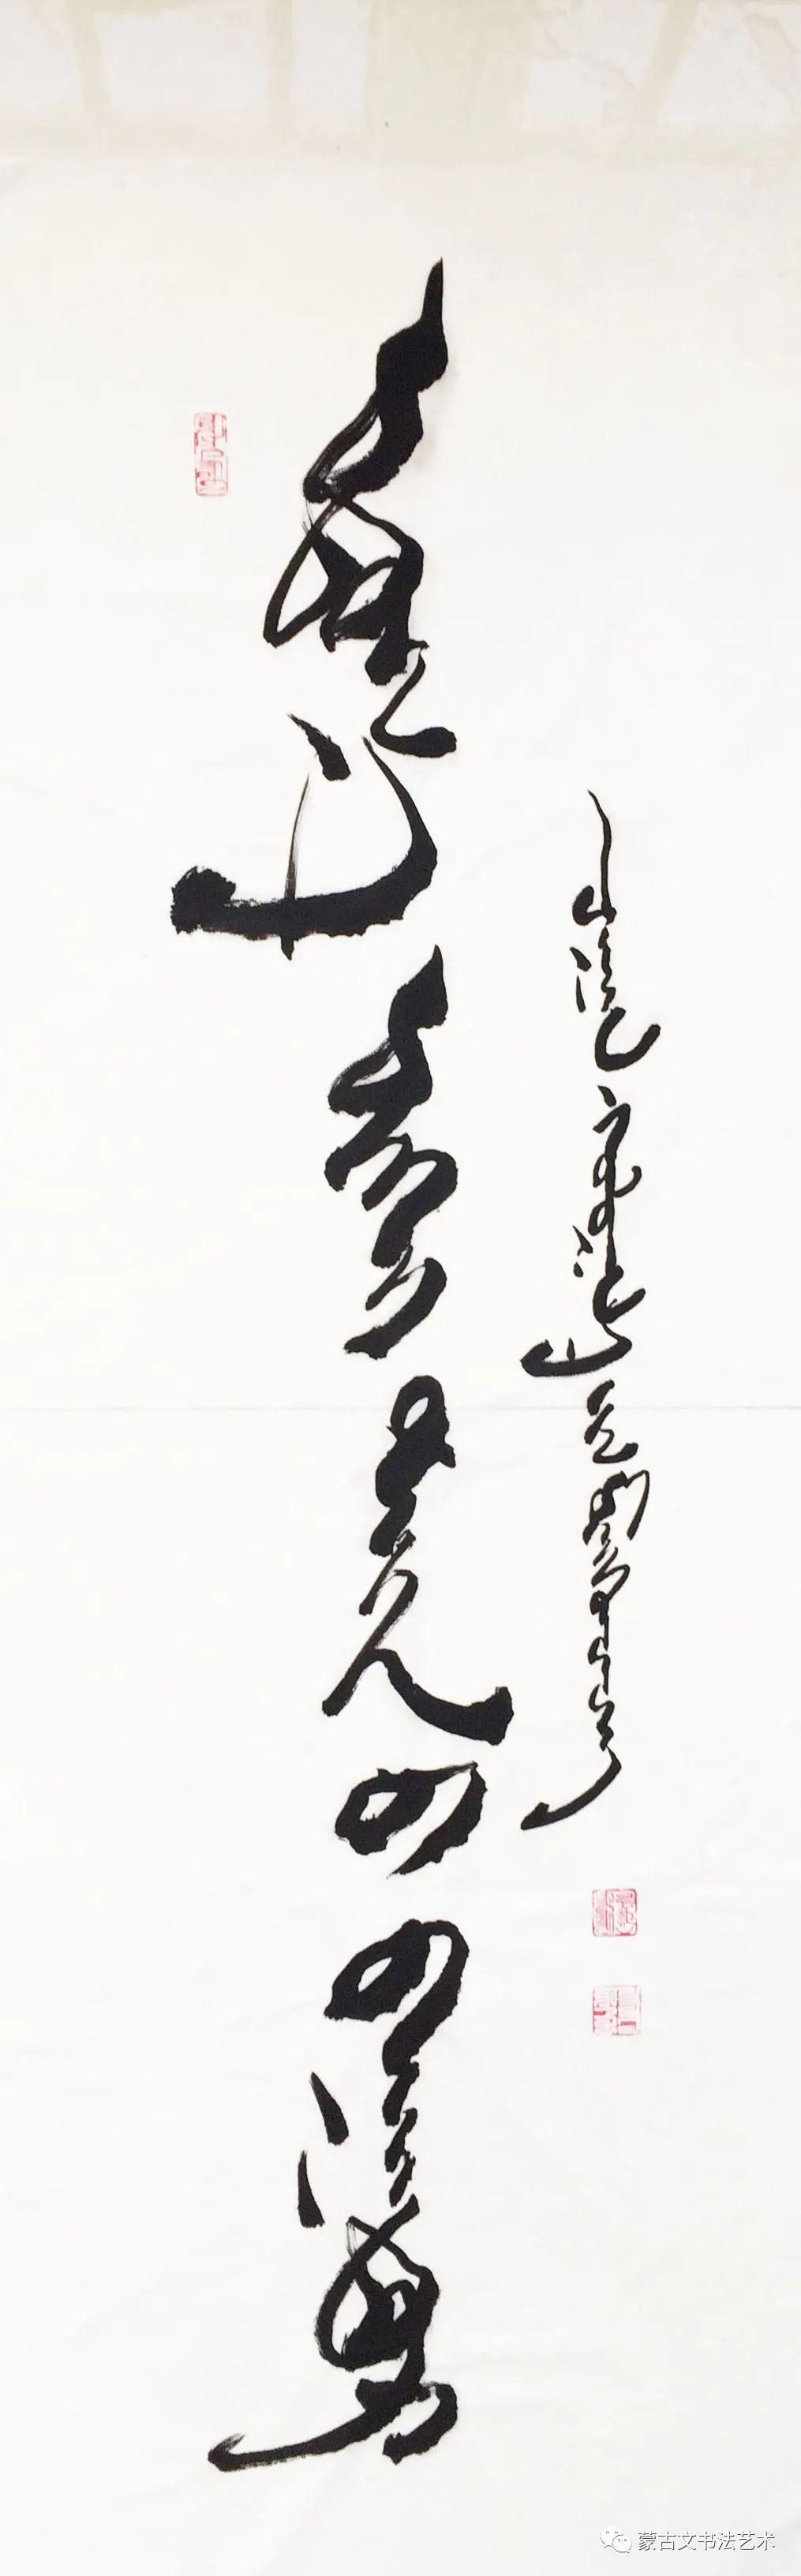 孟根其其格蒙古文书法(二) 第10张 孟根其其格蒙古文书法(二) 蒙古书法